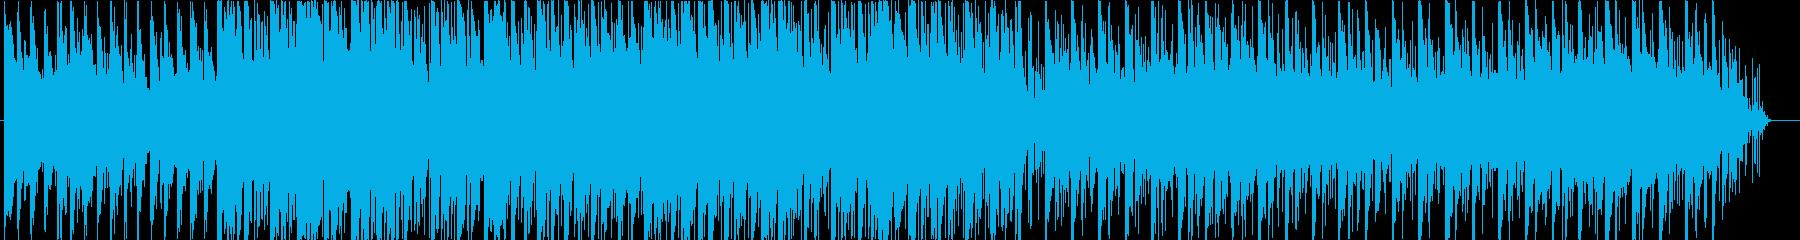 キラキラとした繊細でモダンなビートの再生済みの波形